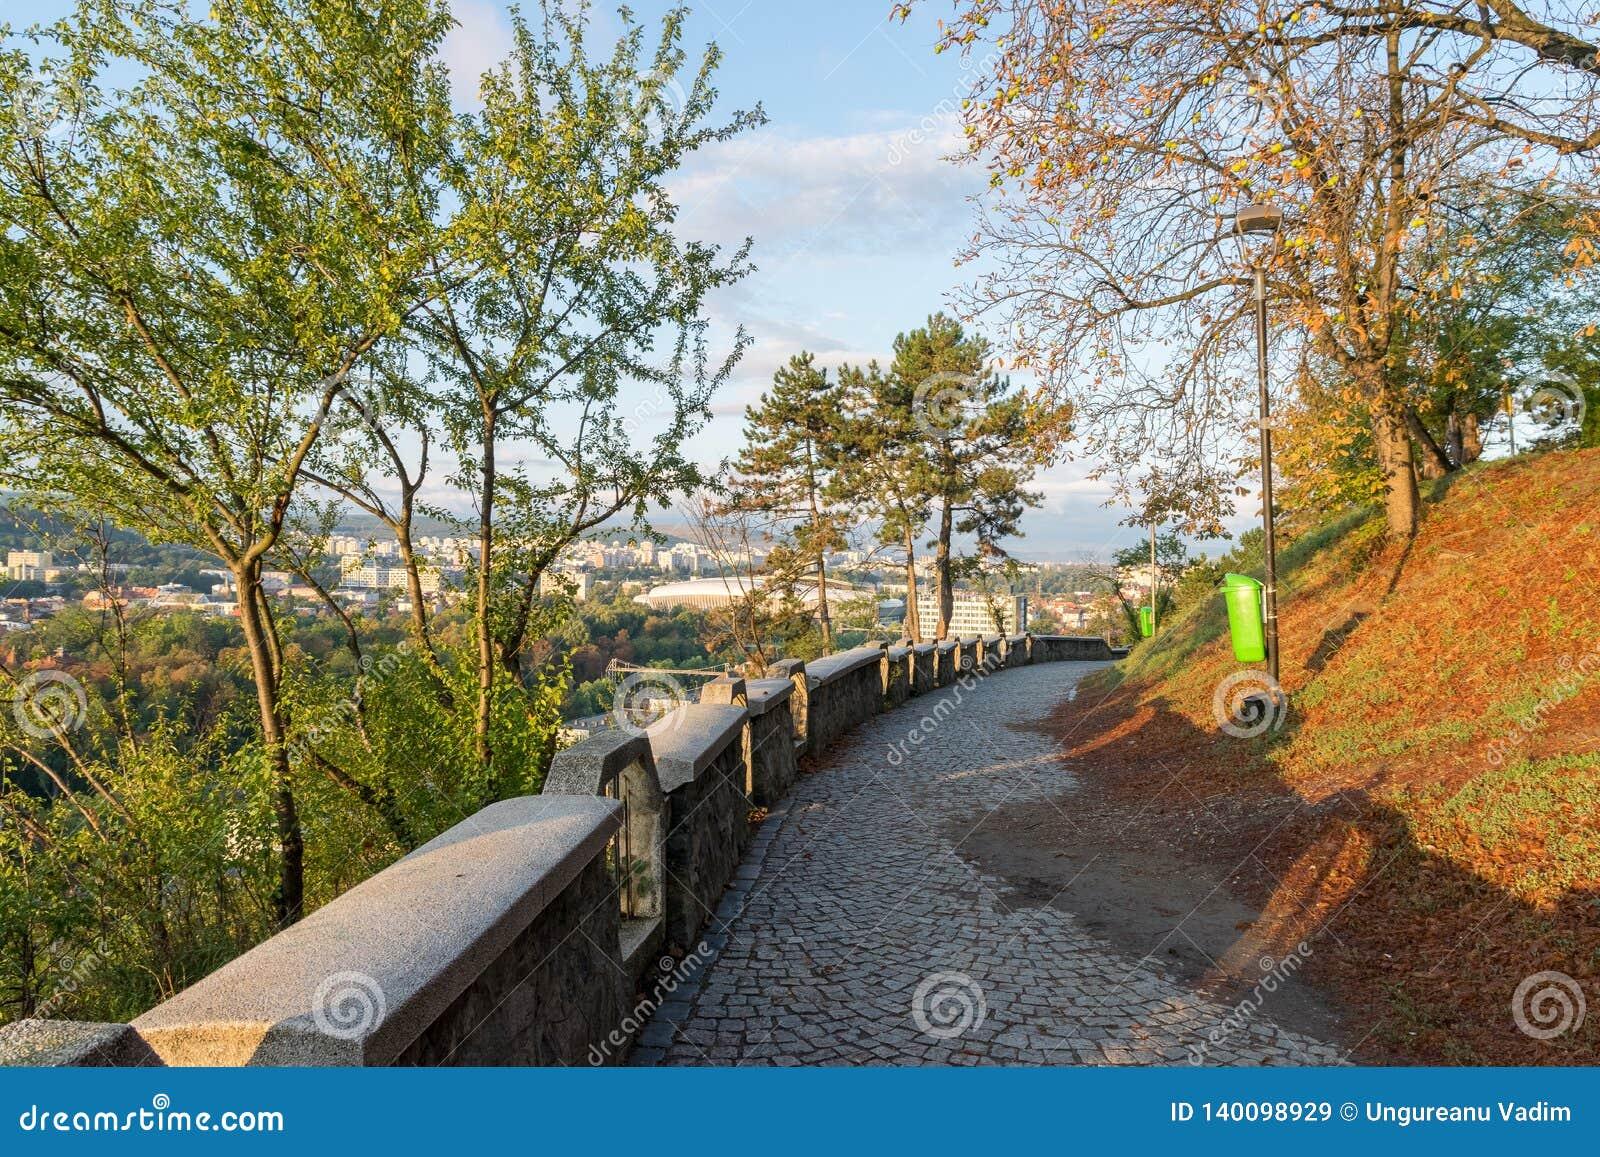 Переулок на парке Cetatuia, известном как холм Cetatuia, на солнечный день в cluj-Napoca, Румыния